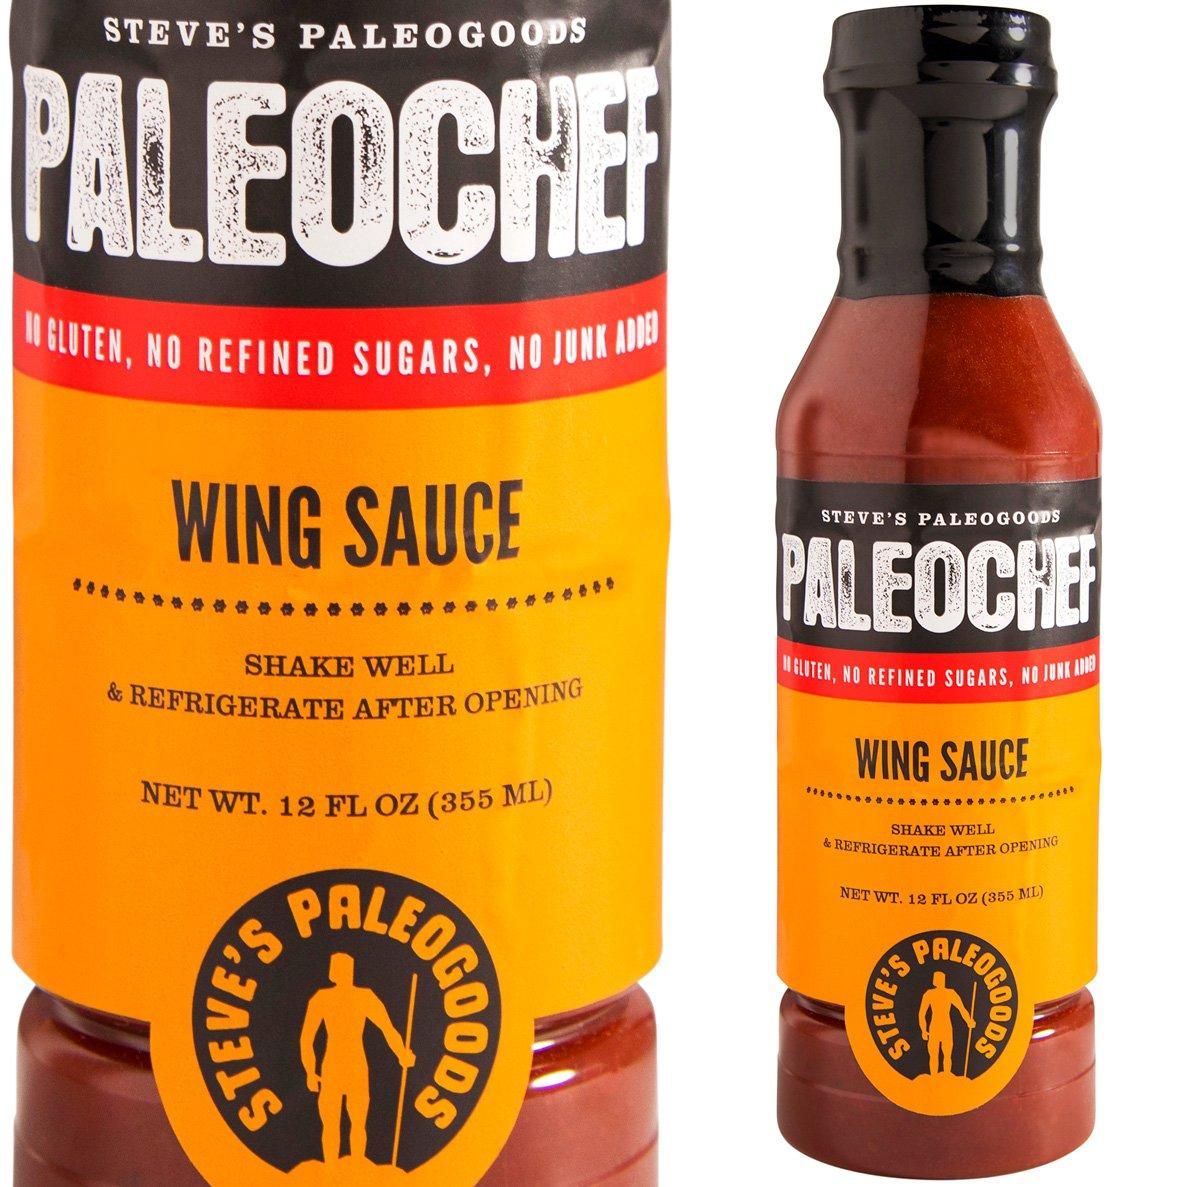 Steve's PaleoGoods, PaleoChef Buffalo Wing Sauce, 12 oz by Steve's PaleoGoods